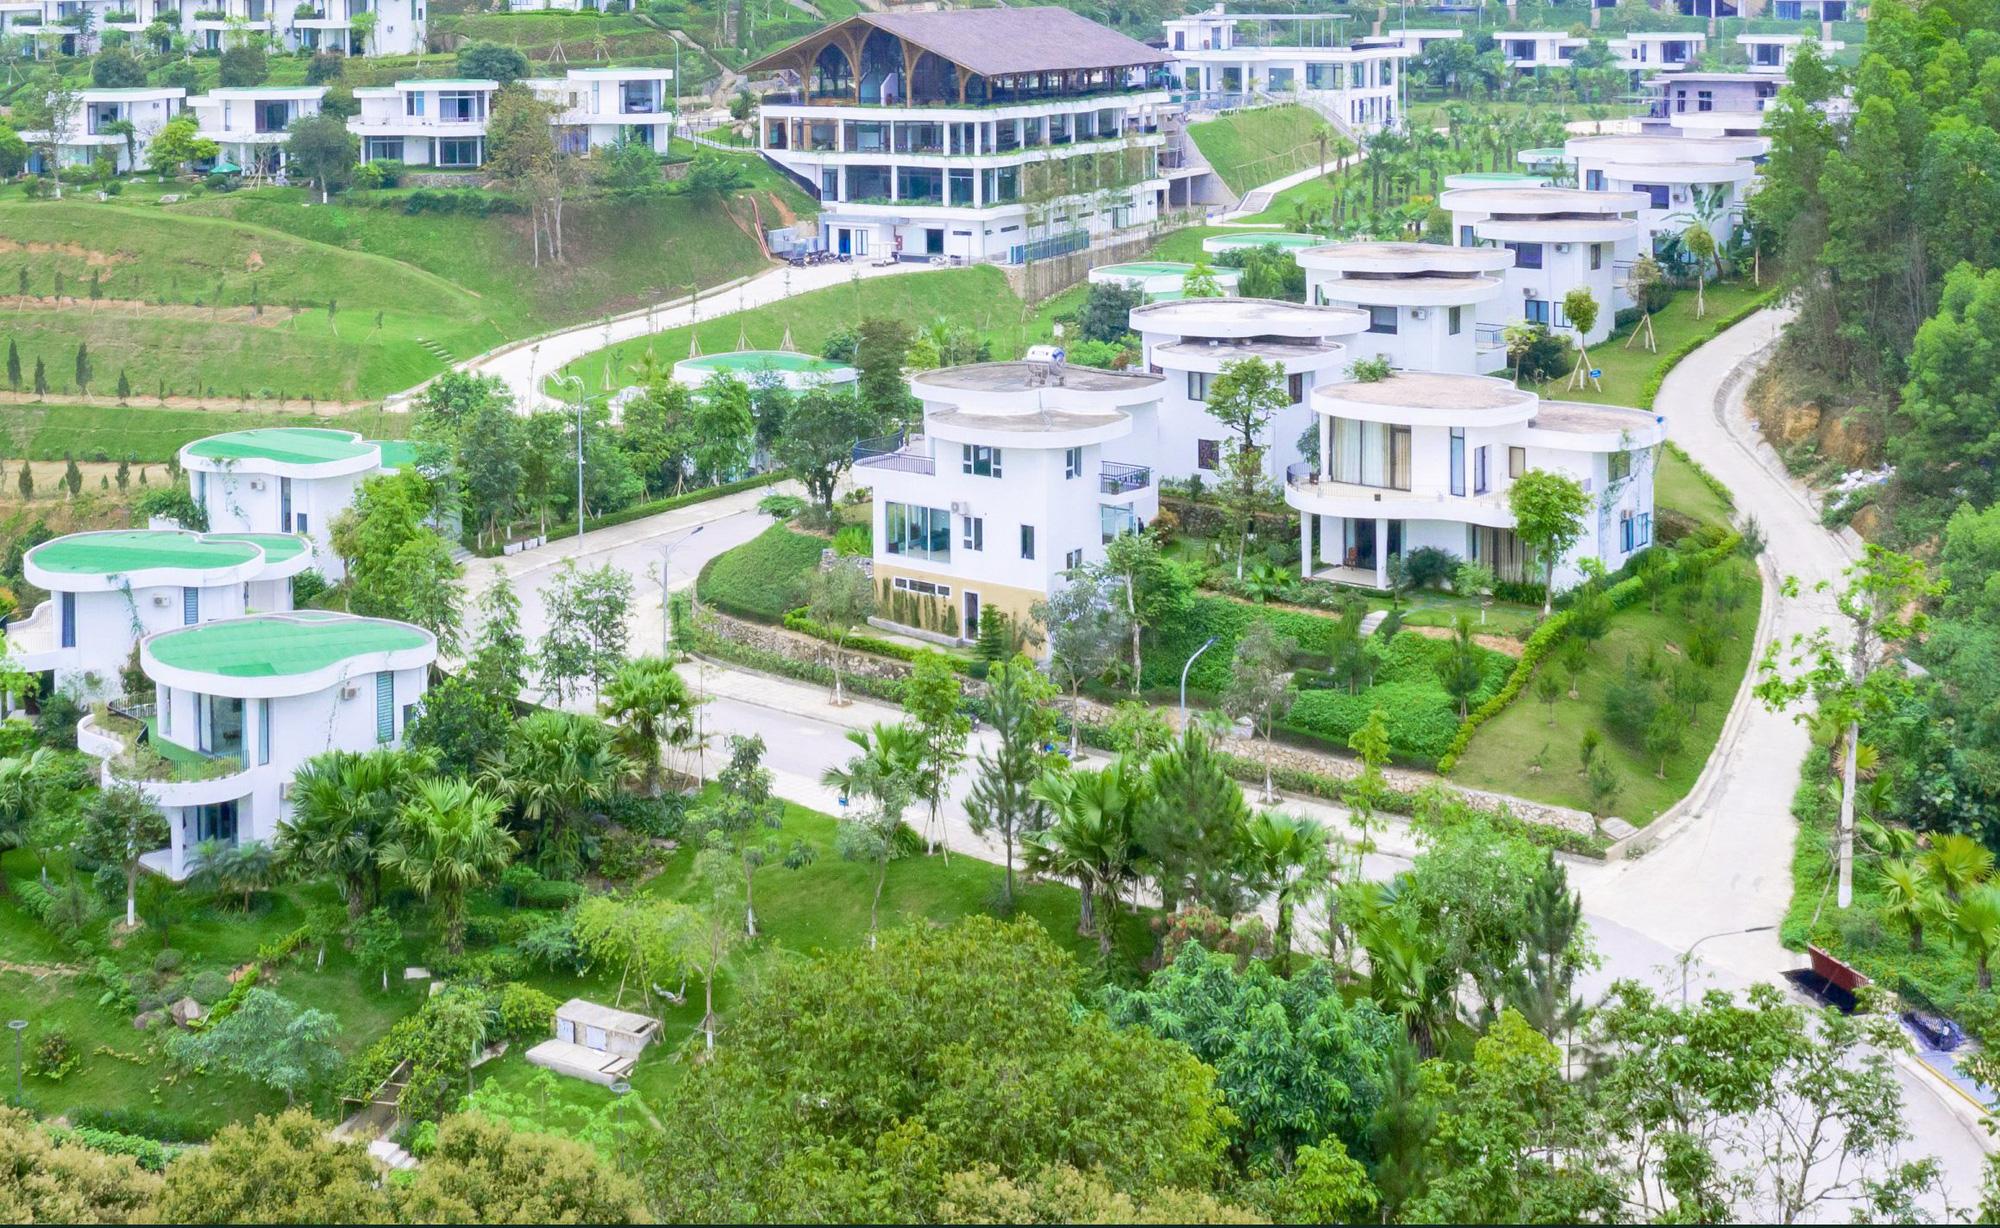 Ivory Villas & Resort: Nơi nghỉ dưỡng, chốn sinh lời - Ảnh 4.